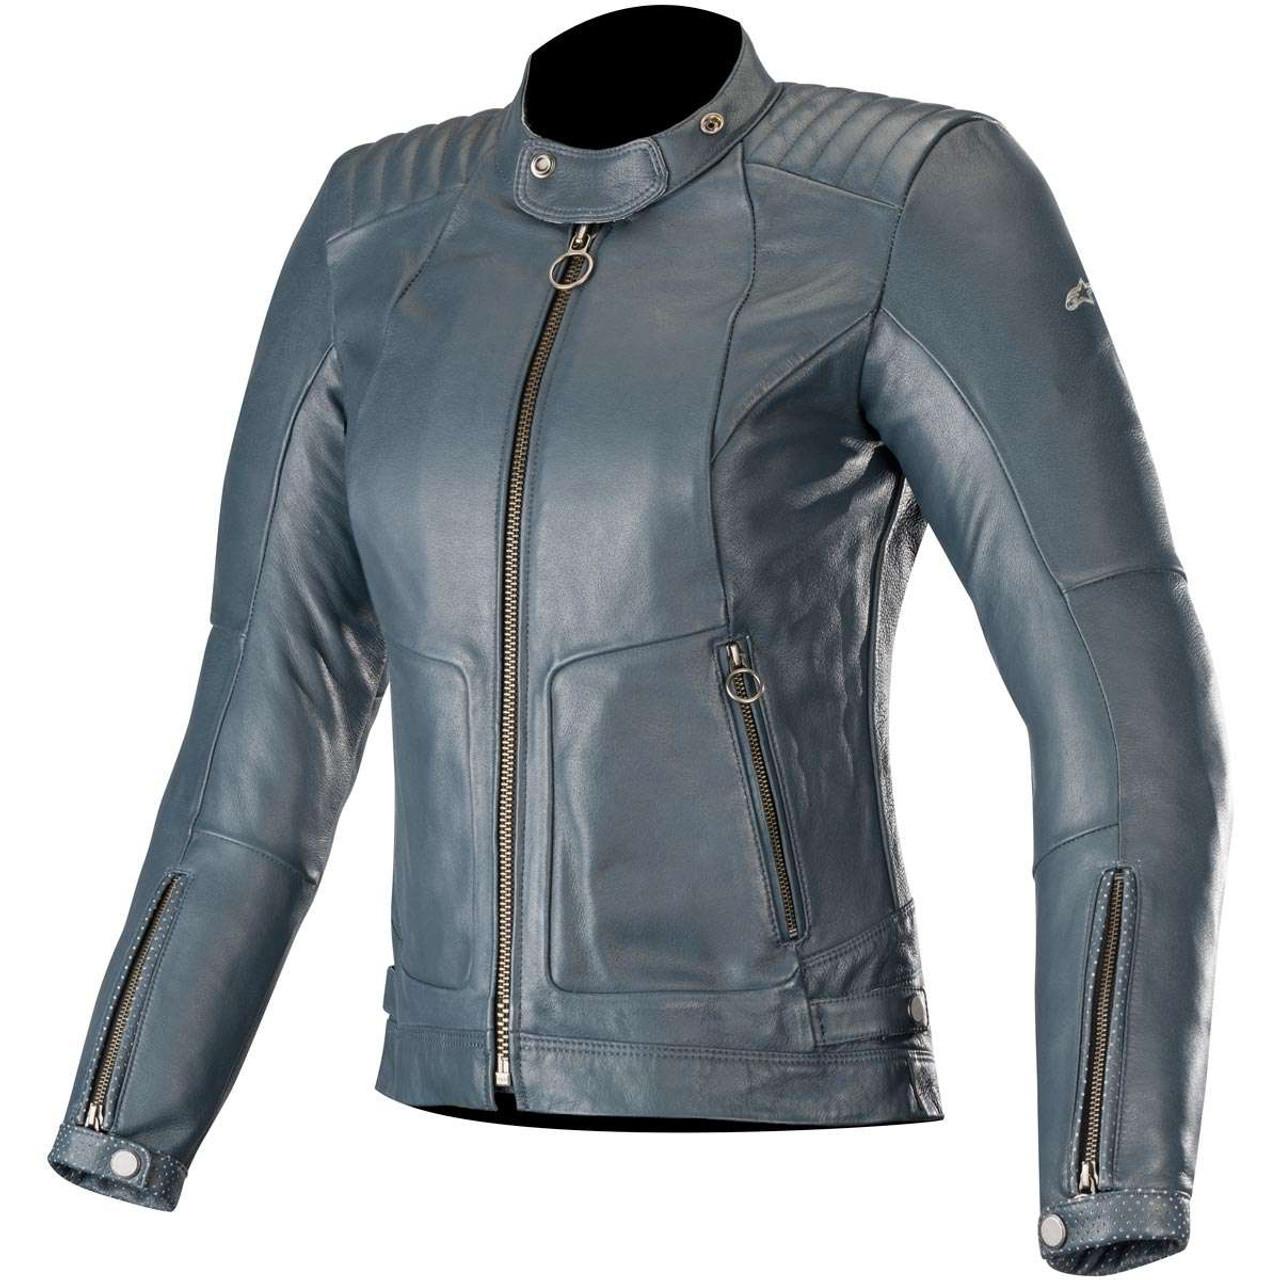 Alpinestars Stella Gal Ladies Leather Jacket - Mood Indigo